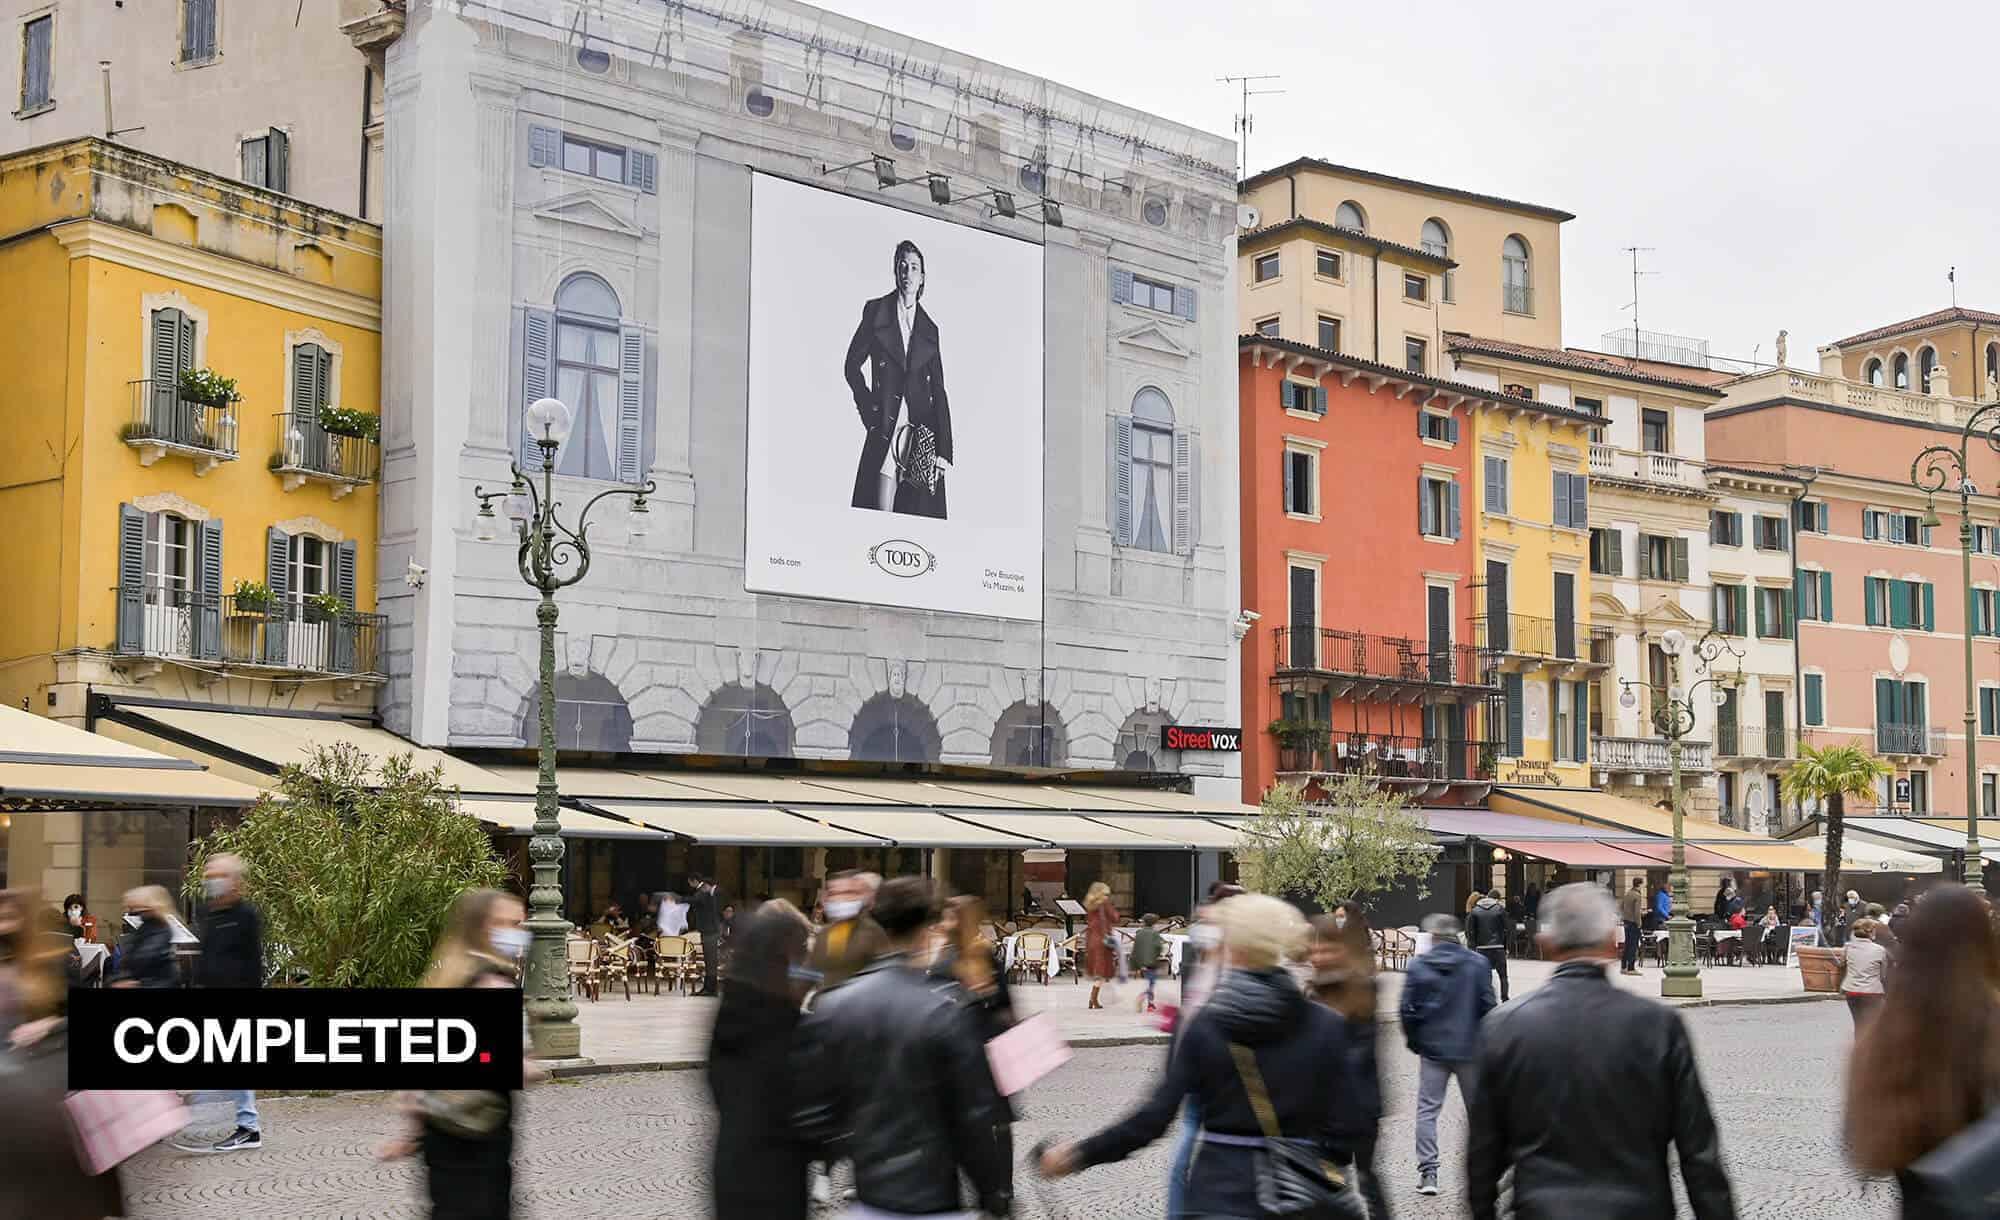 Maxi Affisione a Verona in Piazza Bra Palazzo Malfatti con Tod's (fashion)